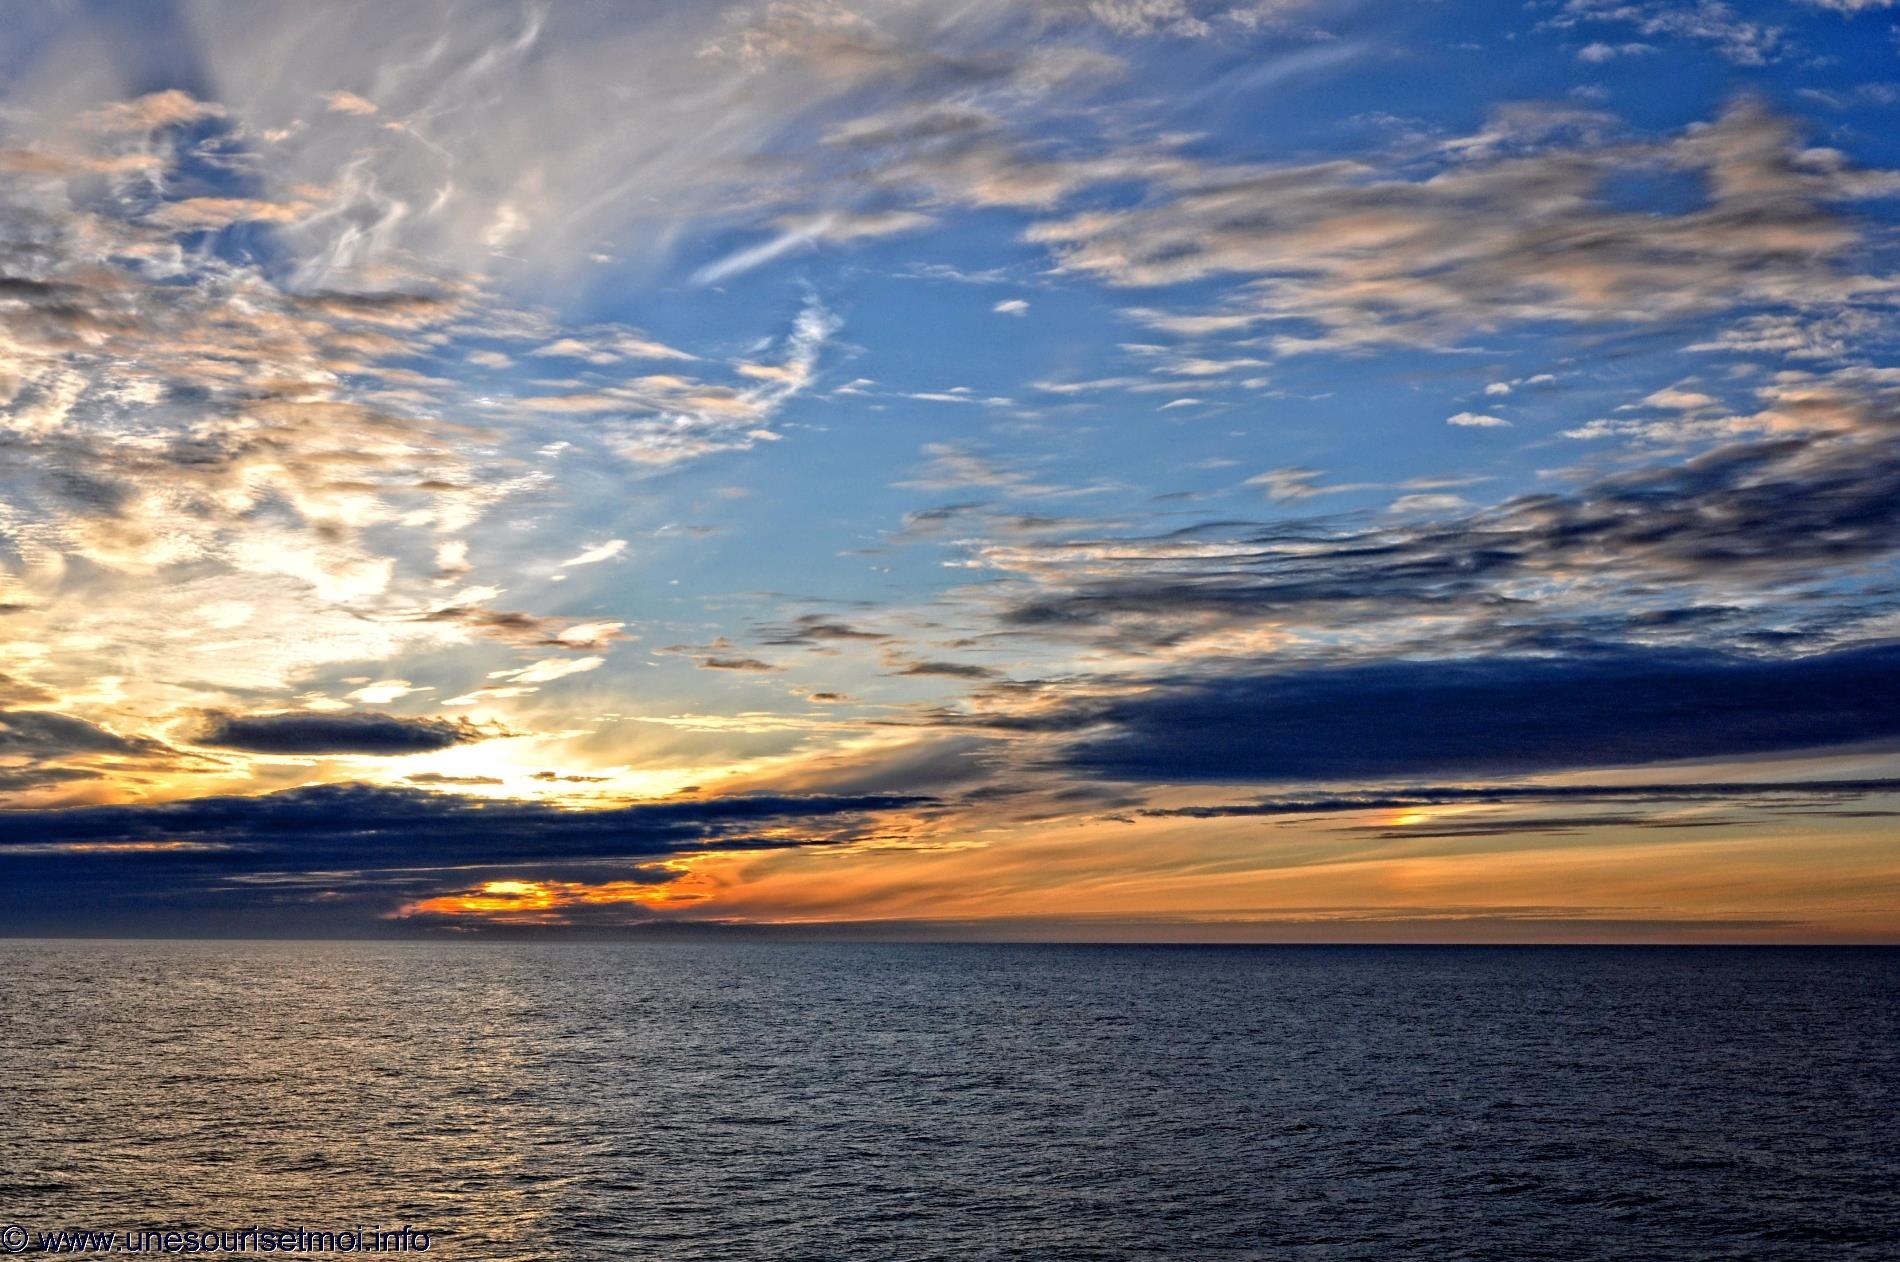 coucher-de-soleil_HD_005